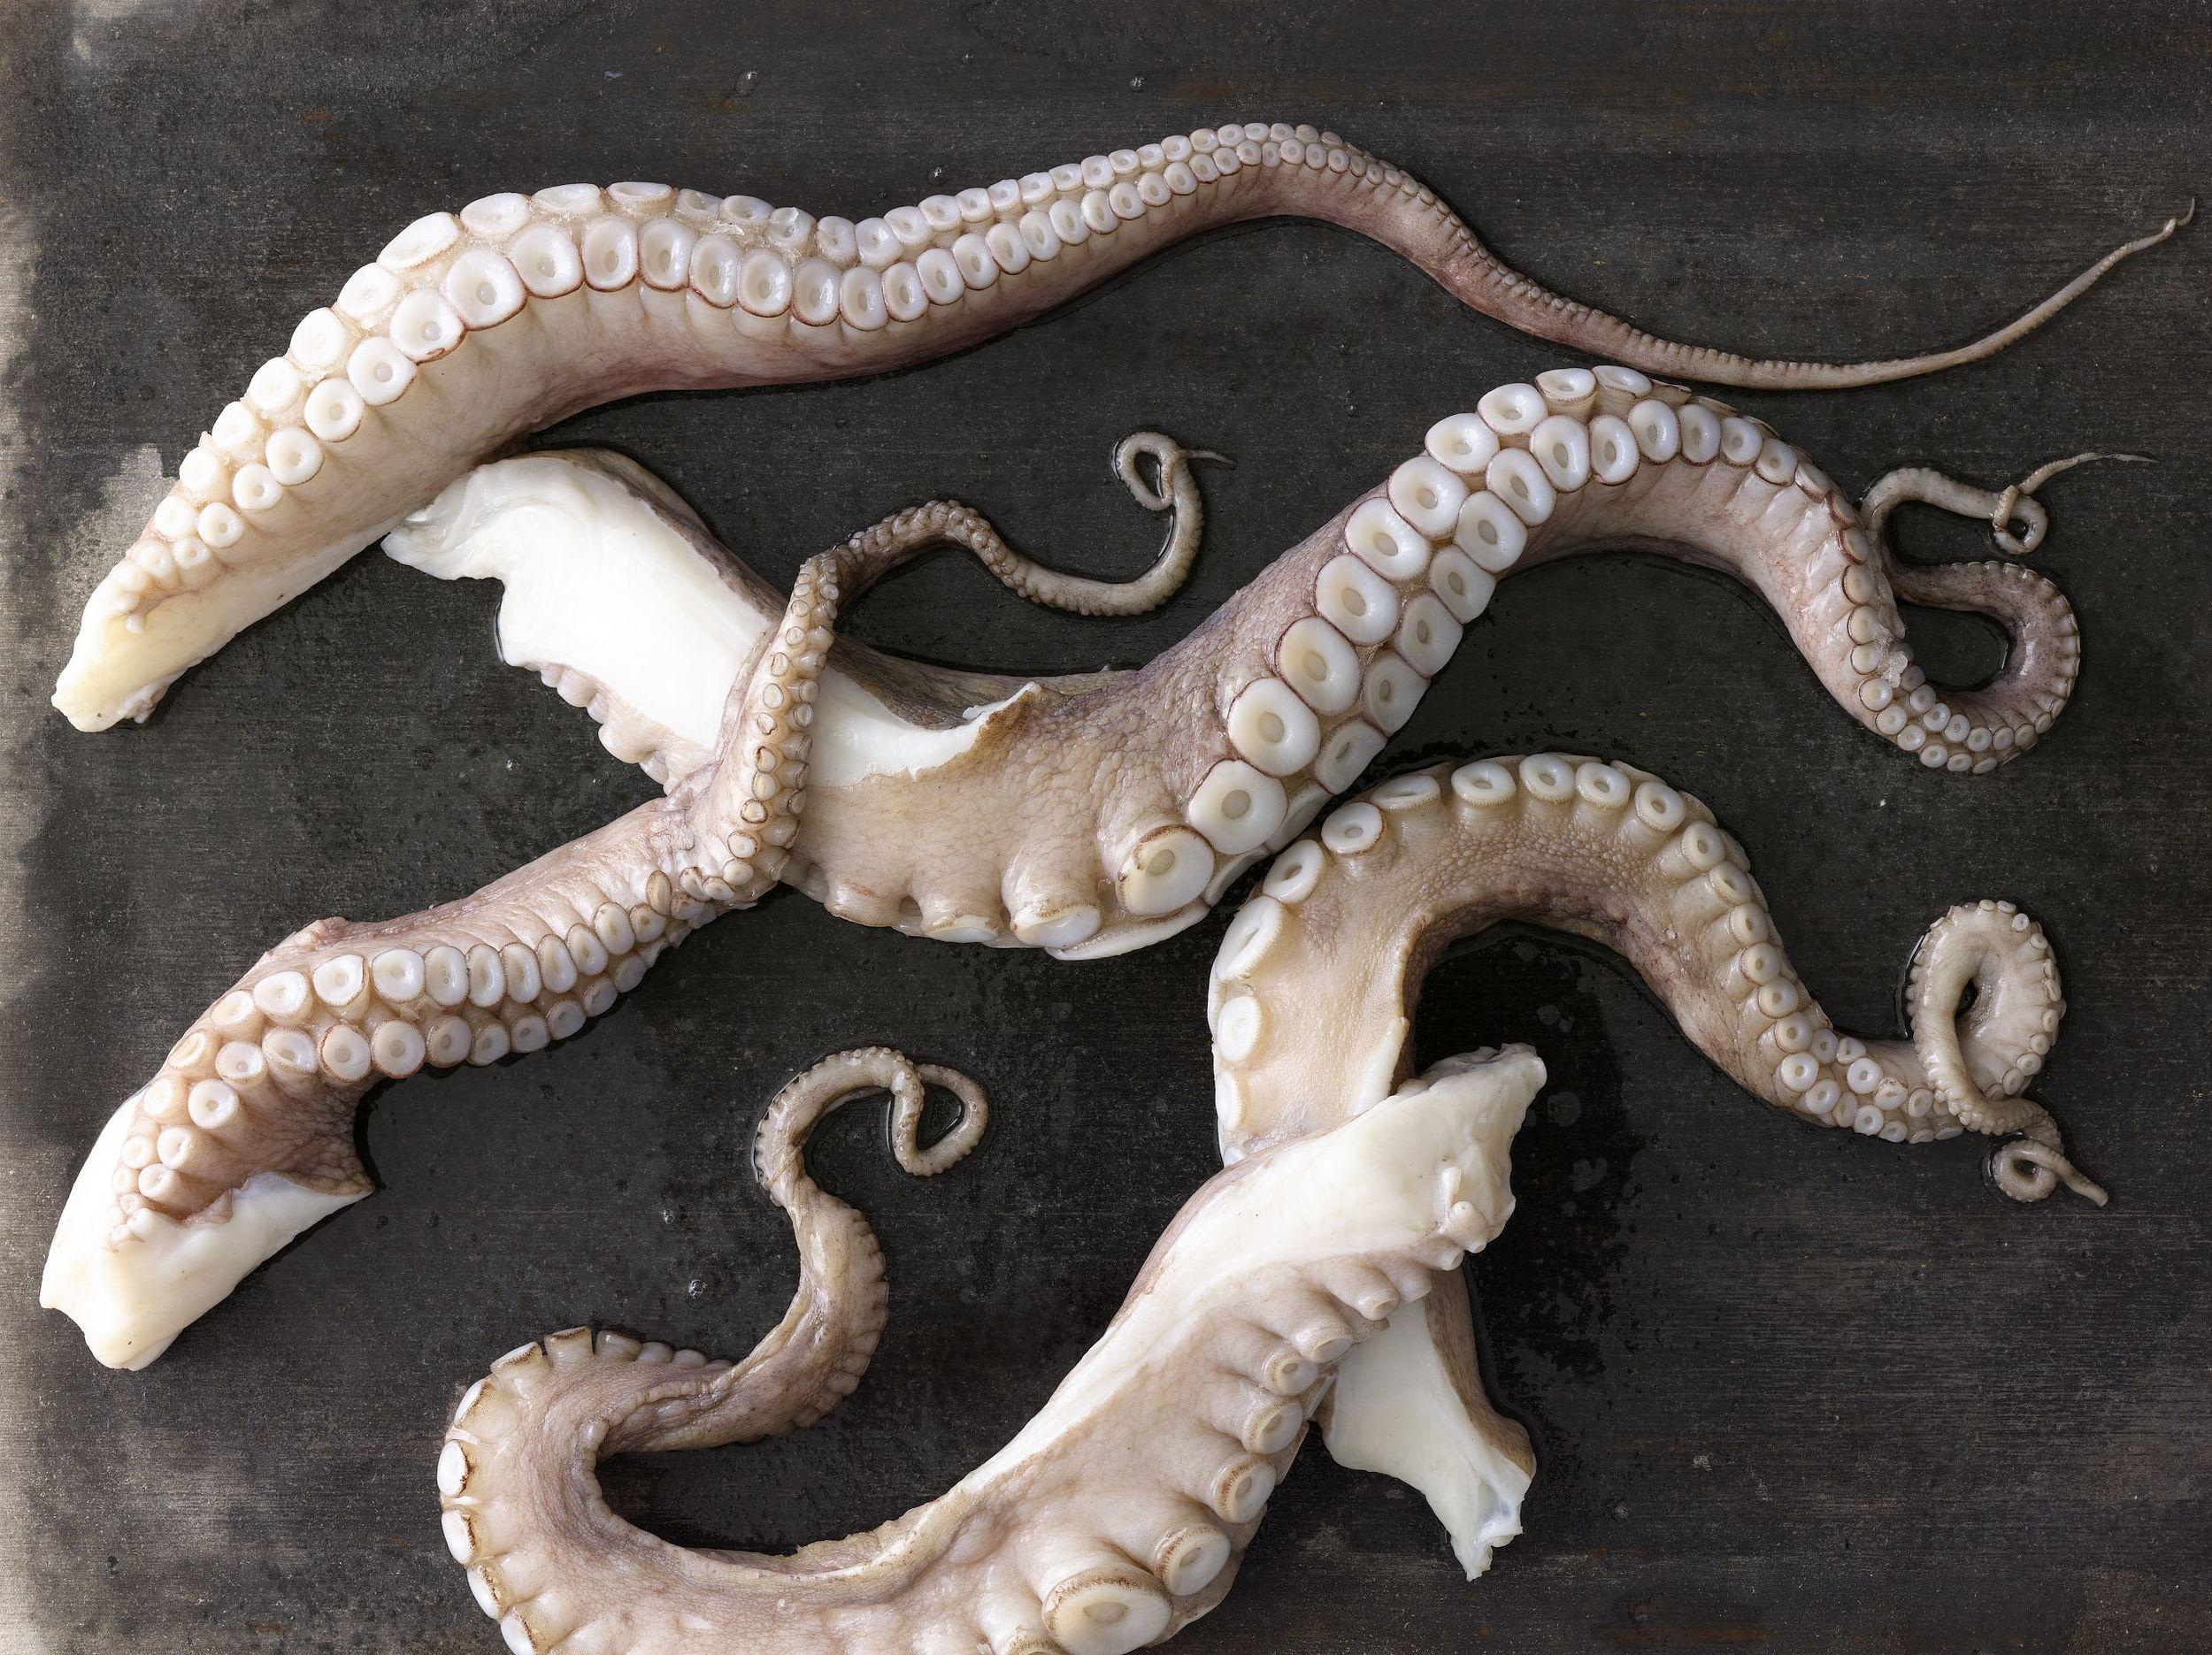 Octopus_029.jpg